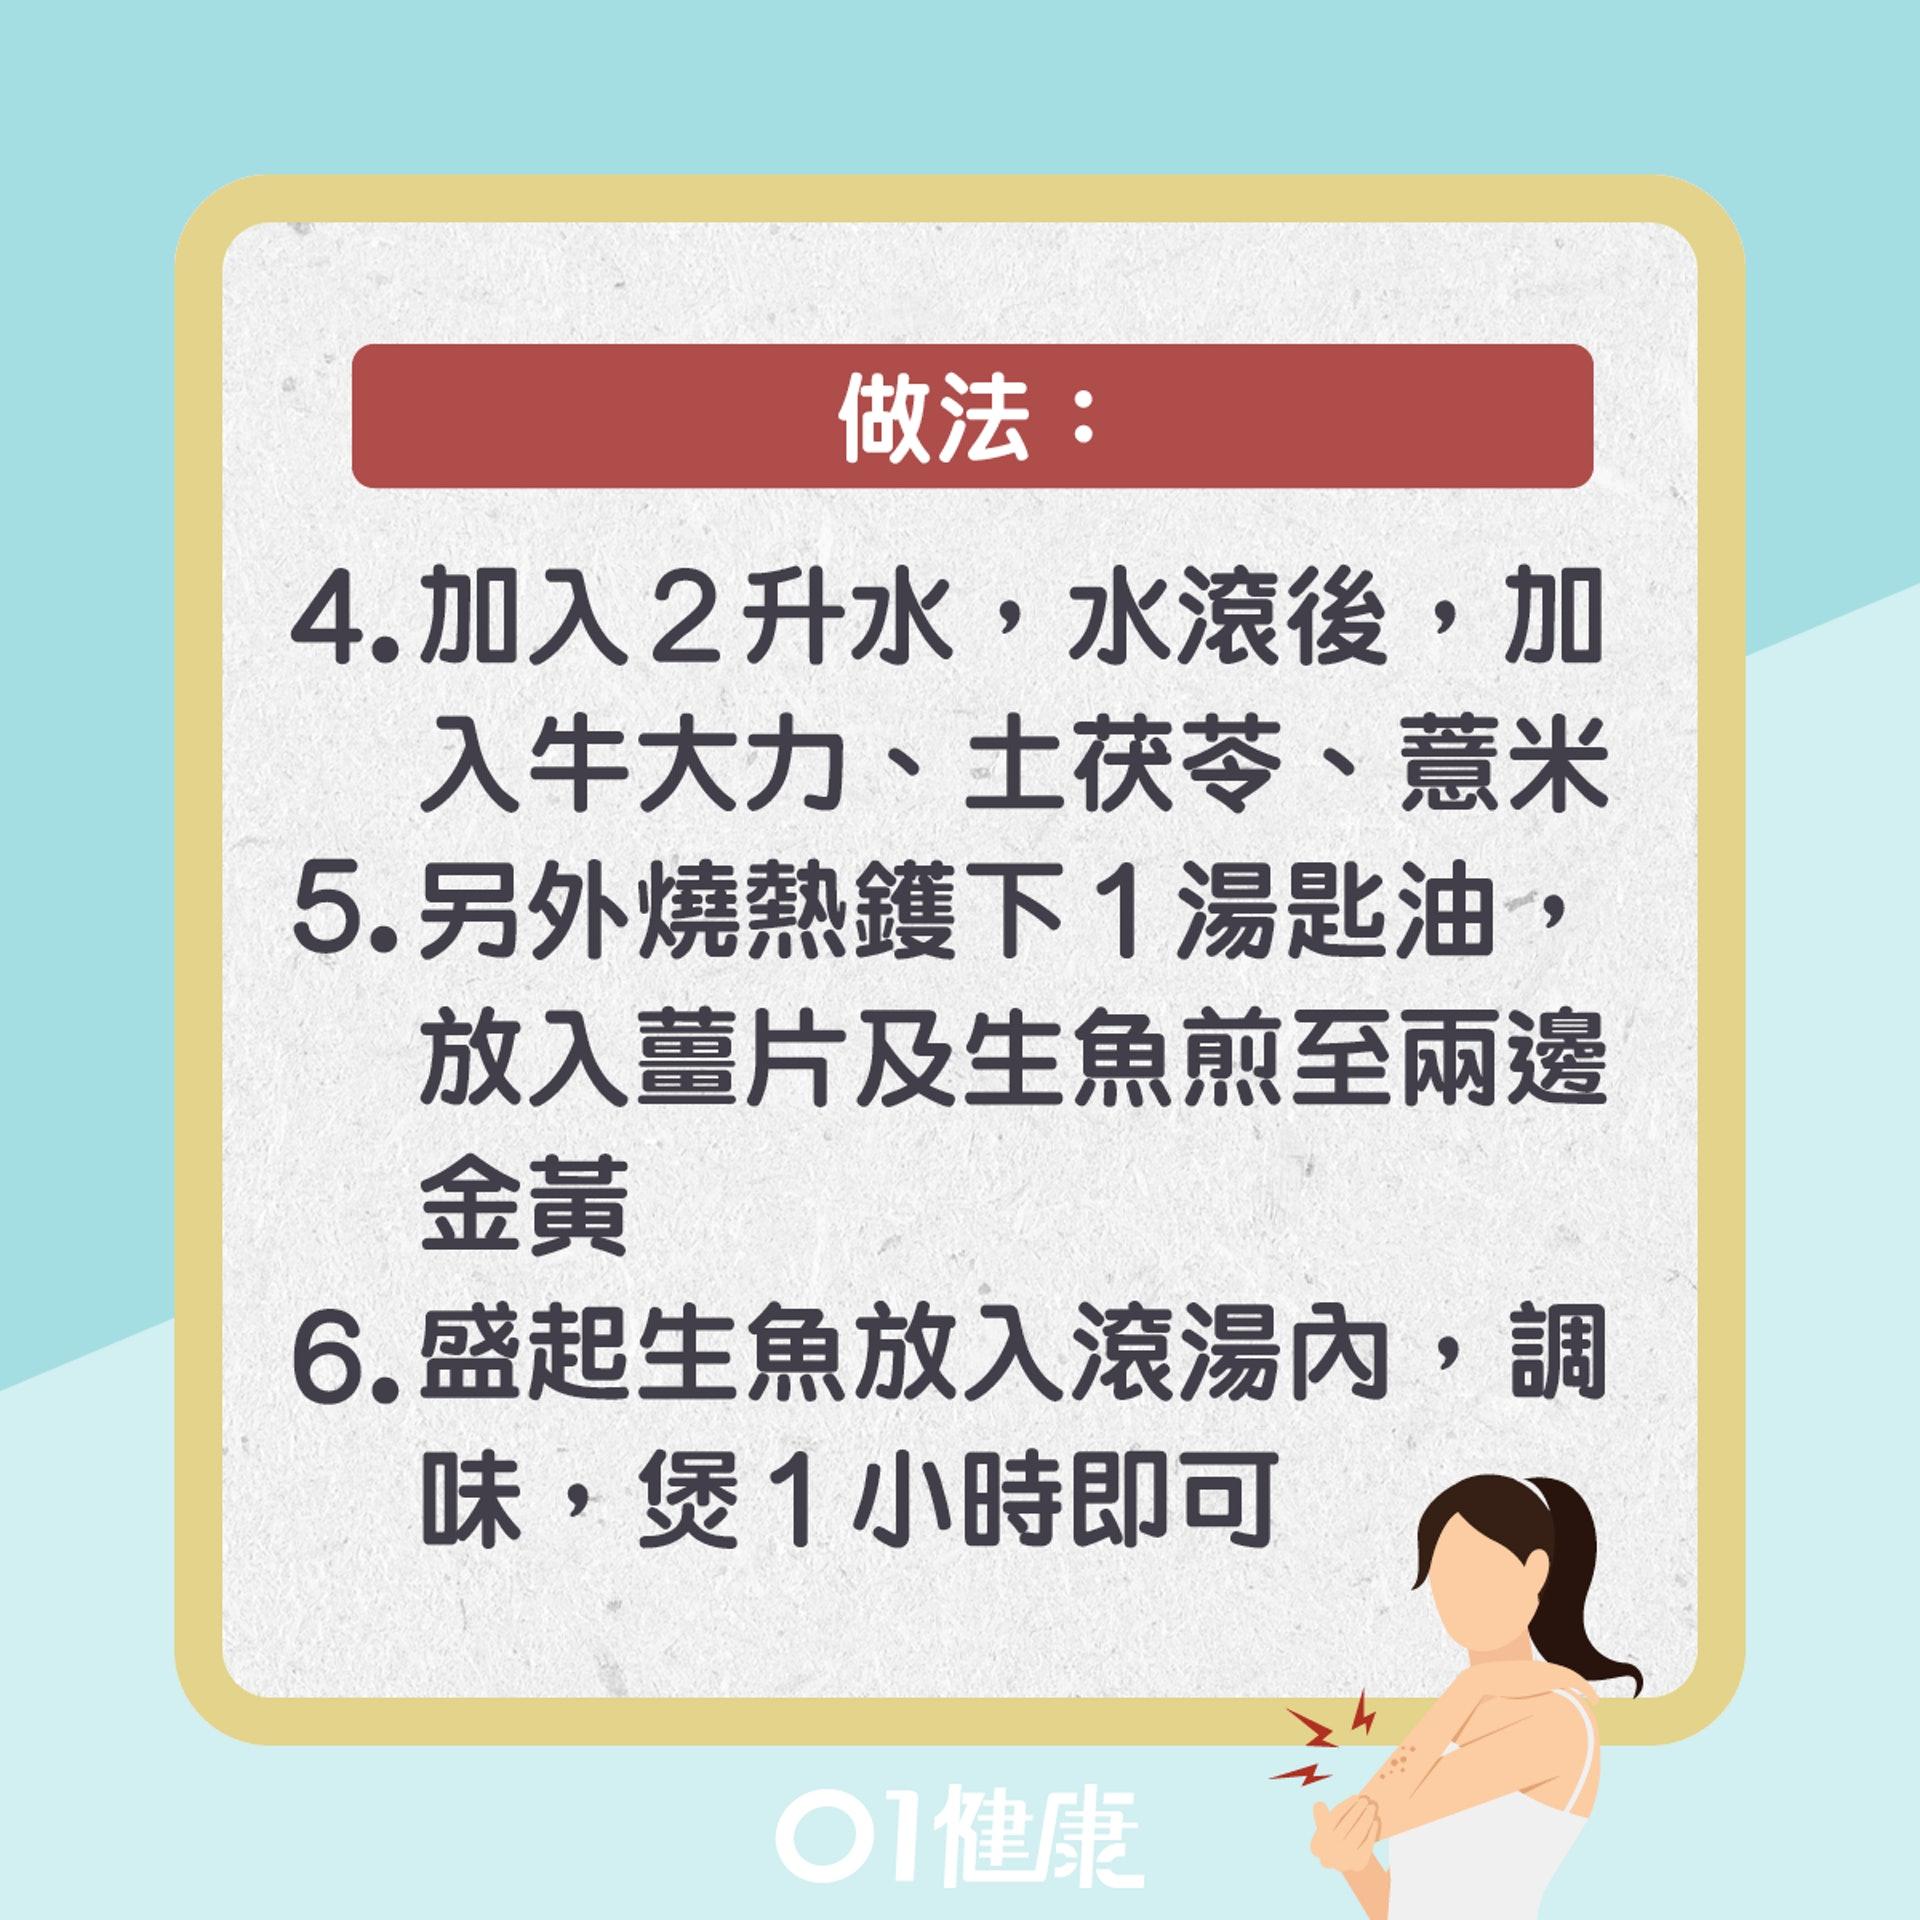 牛大力土茯苓煲生魚(01製圖)